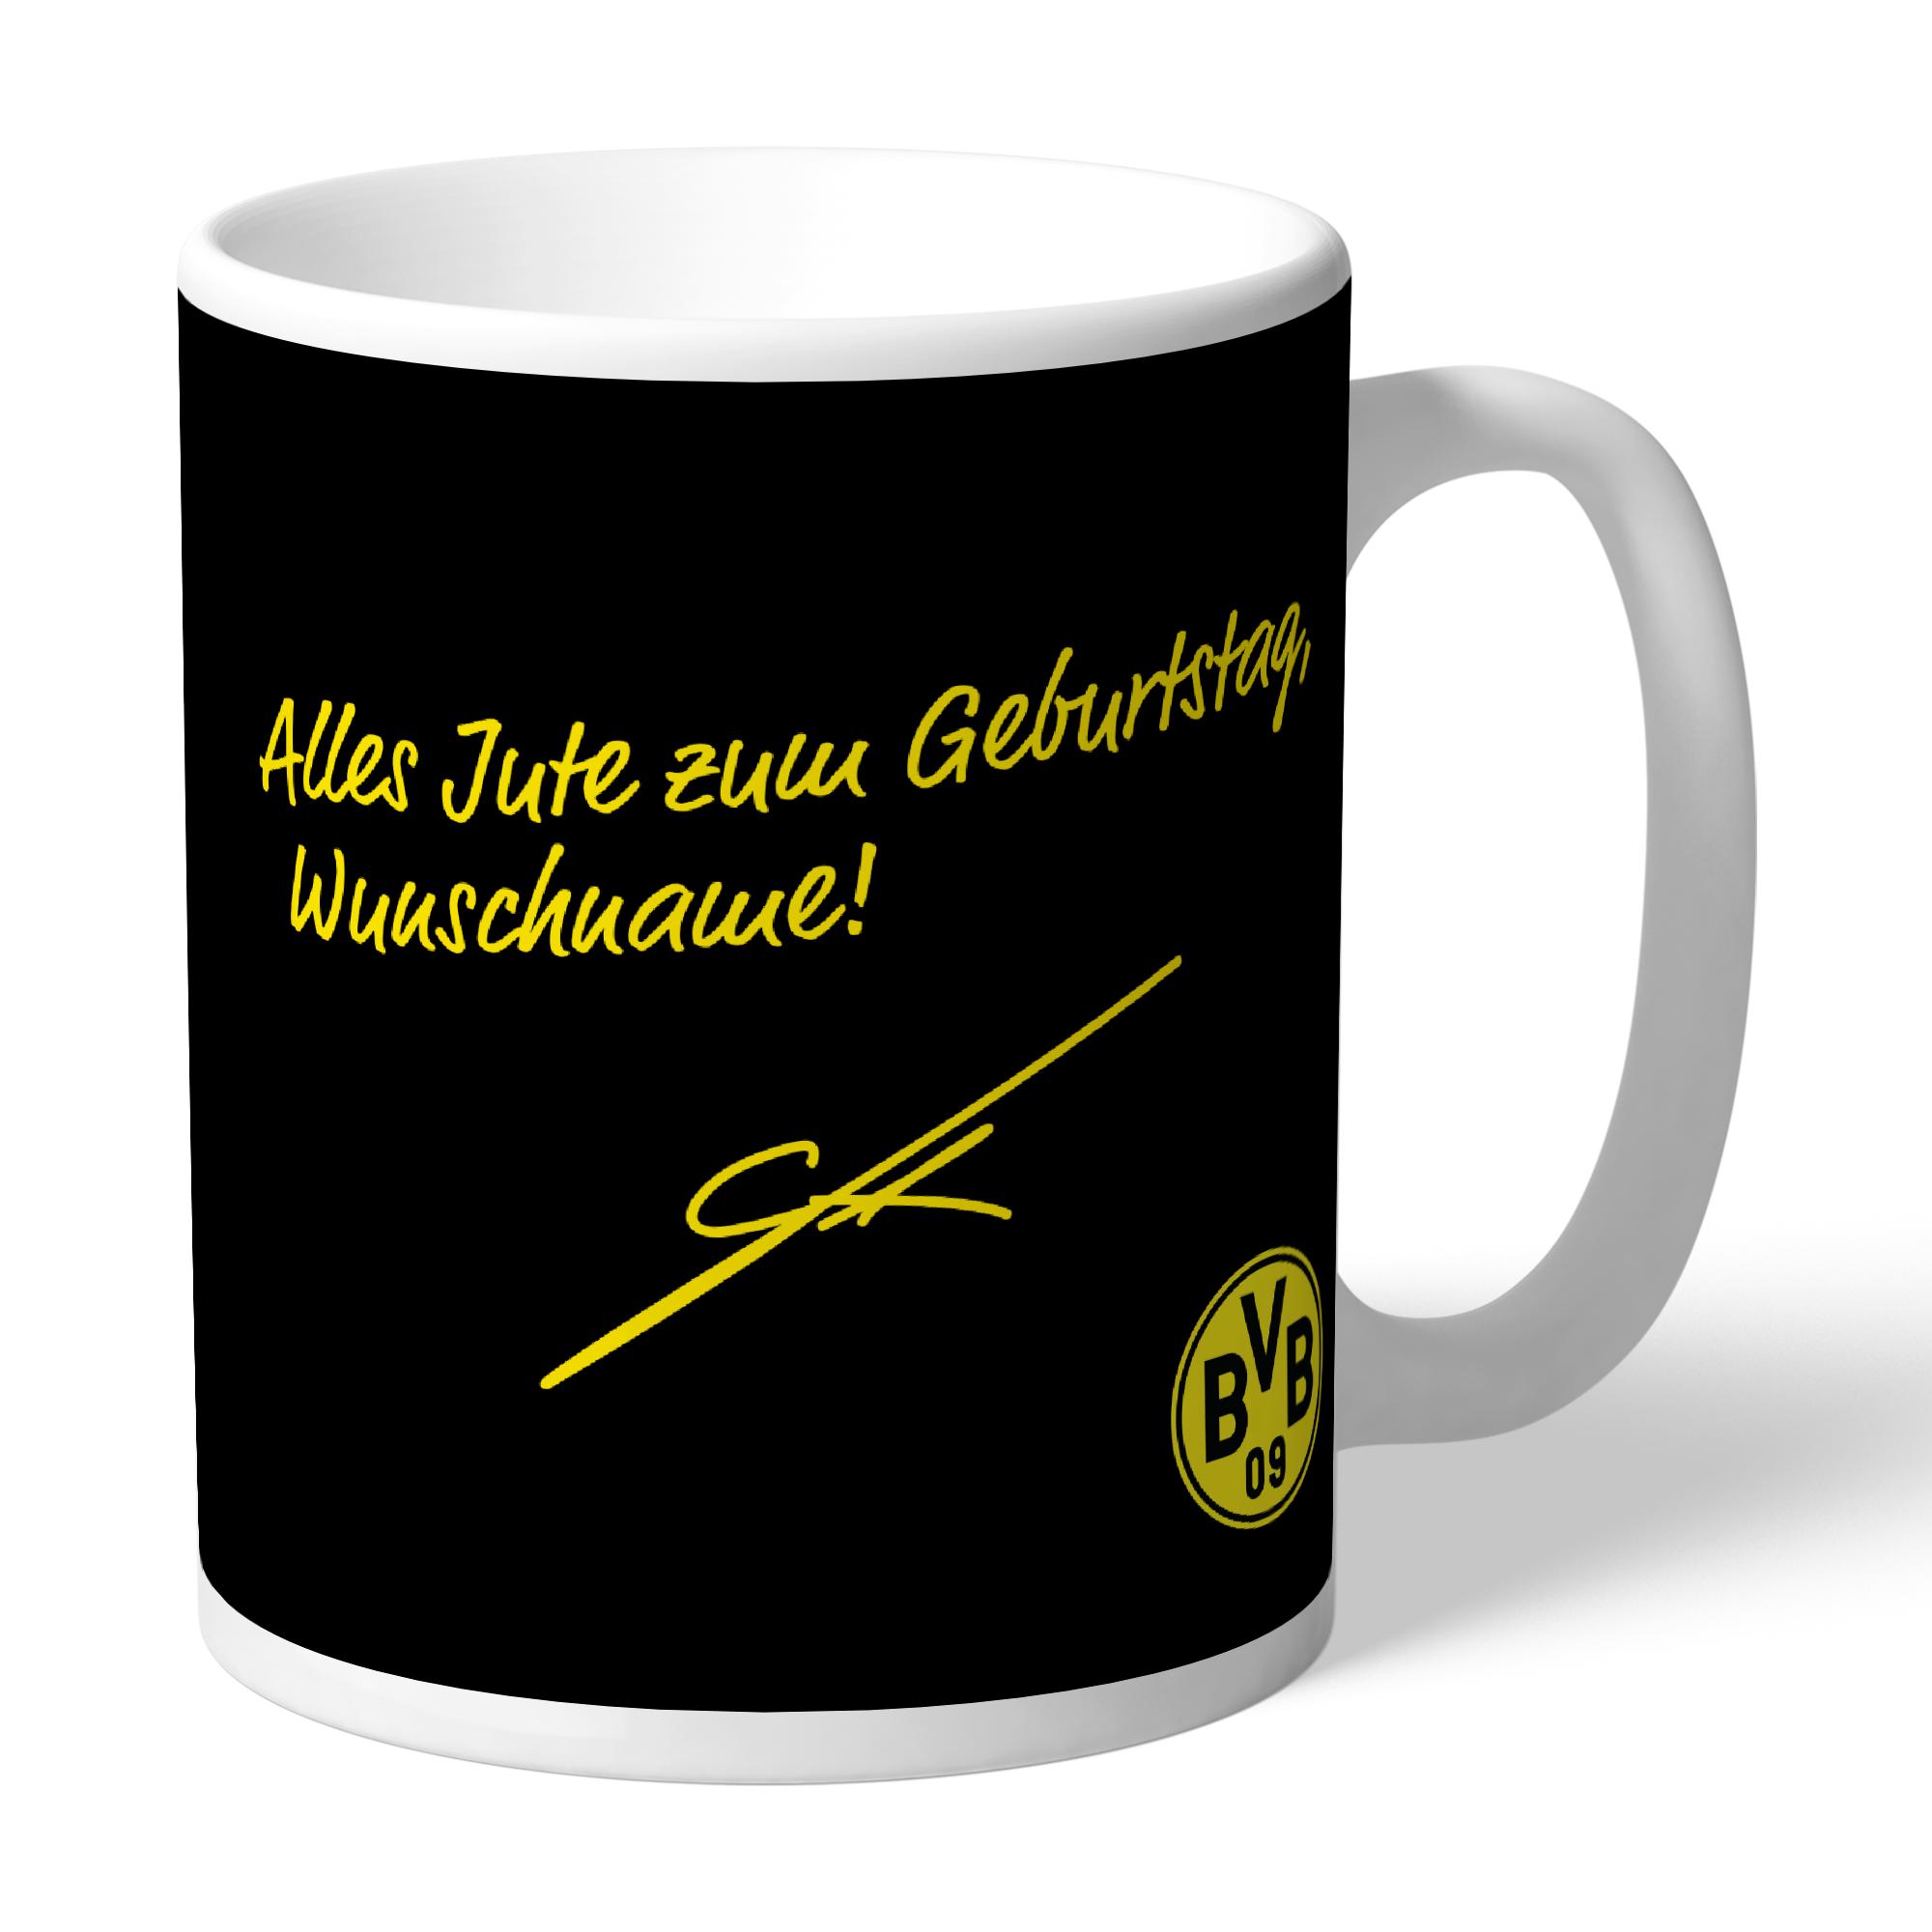 77. BVB-Tasse indiv. Gotze (Geburtstag)